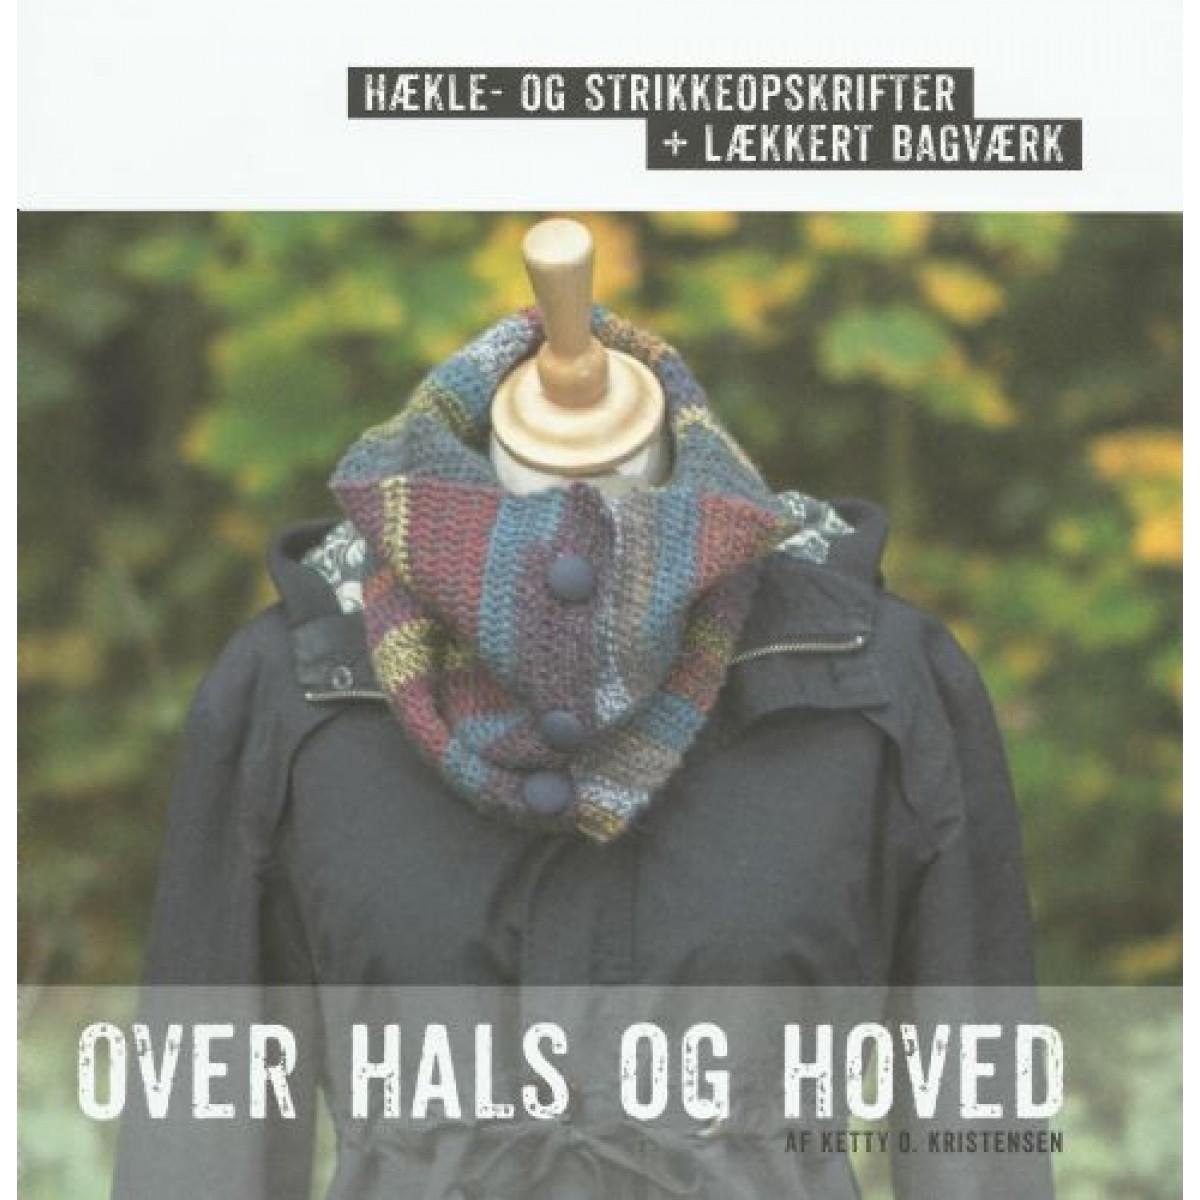 Overhalsoghoved-31